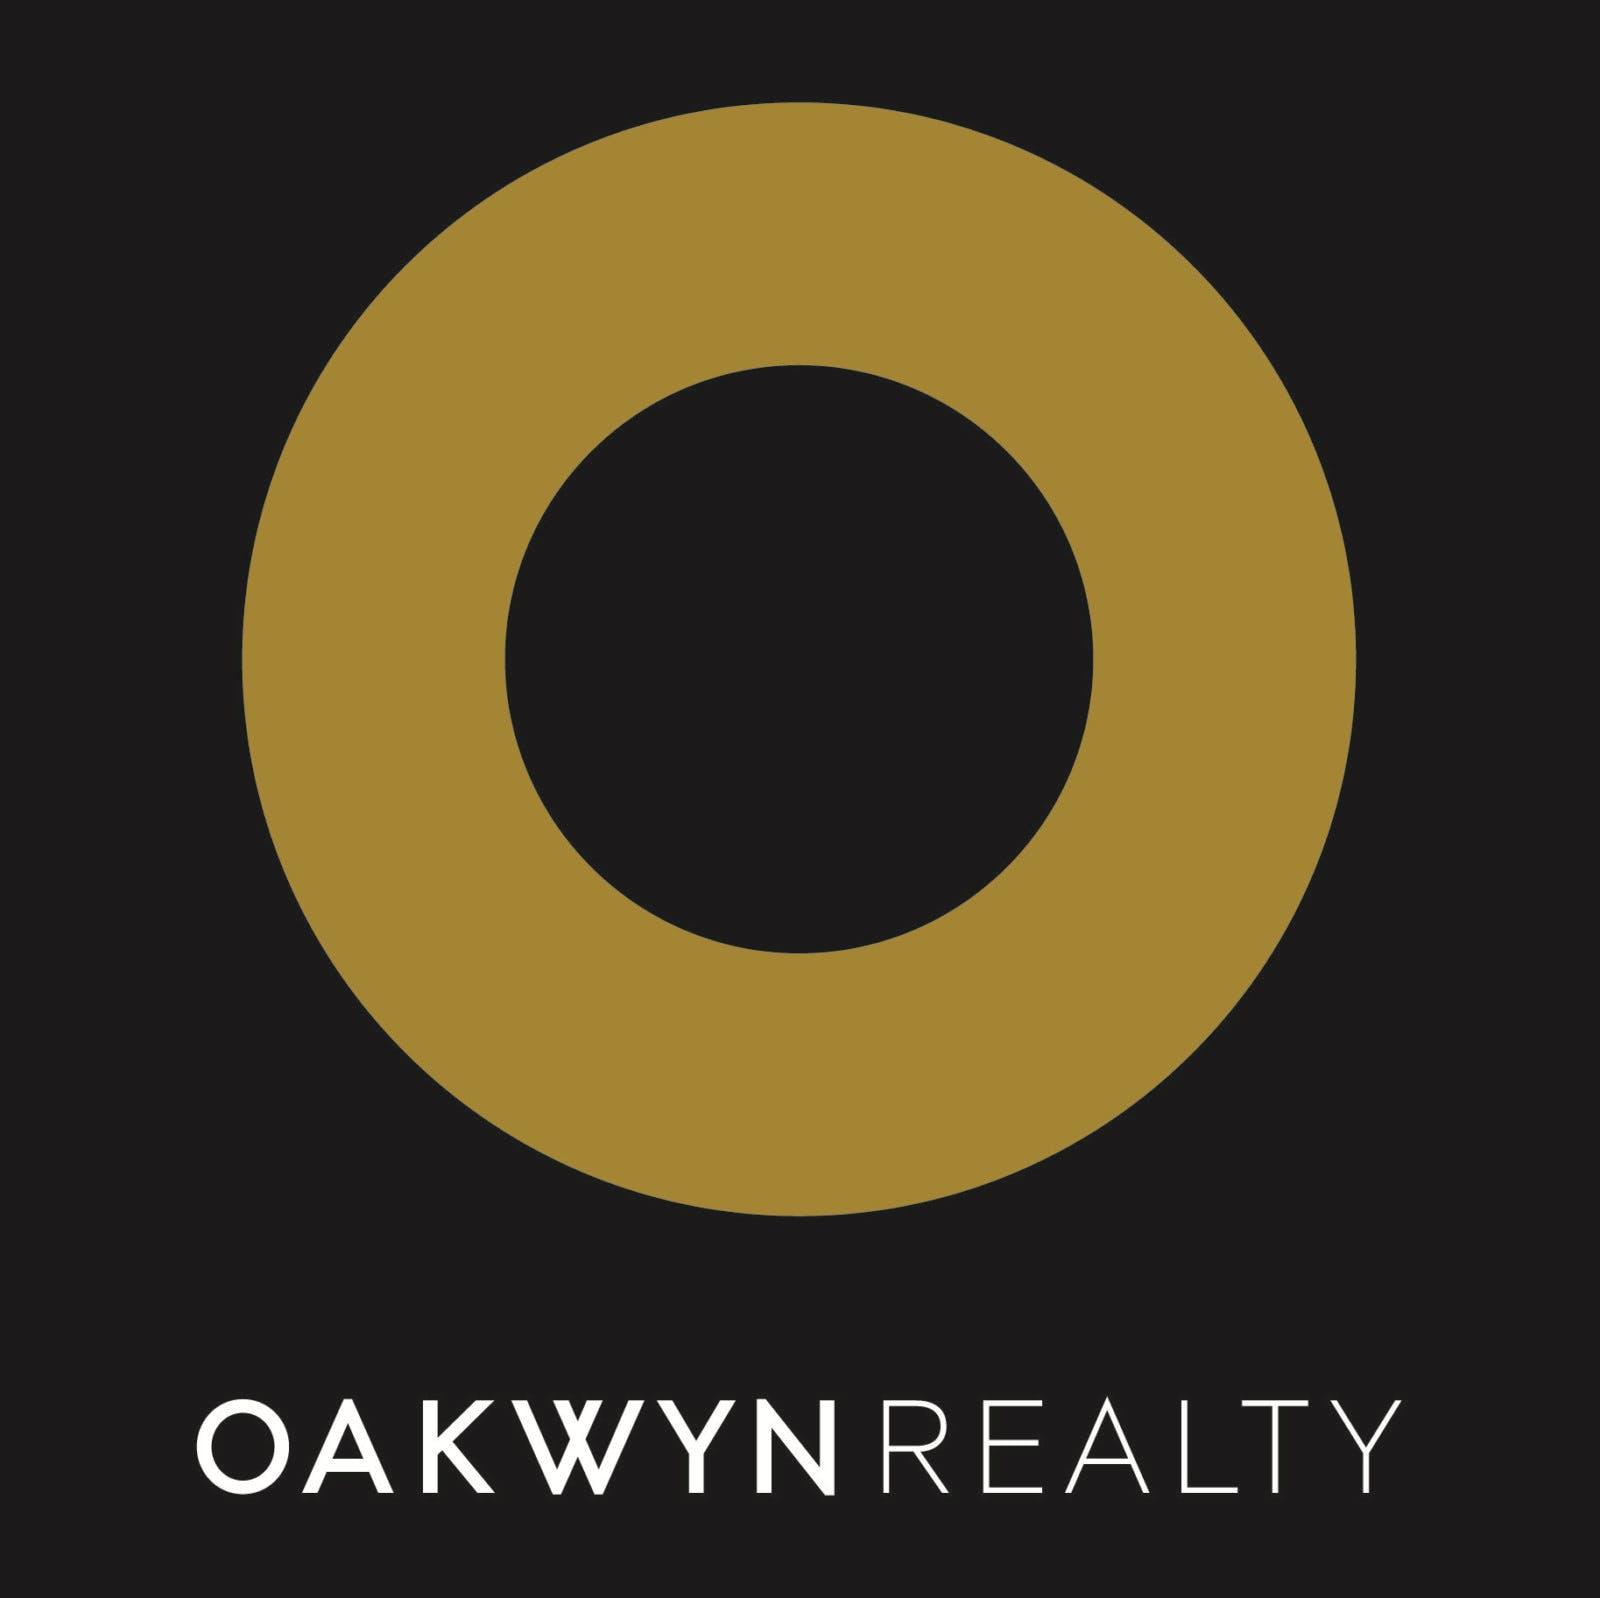 Oakwyn Realty